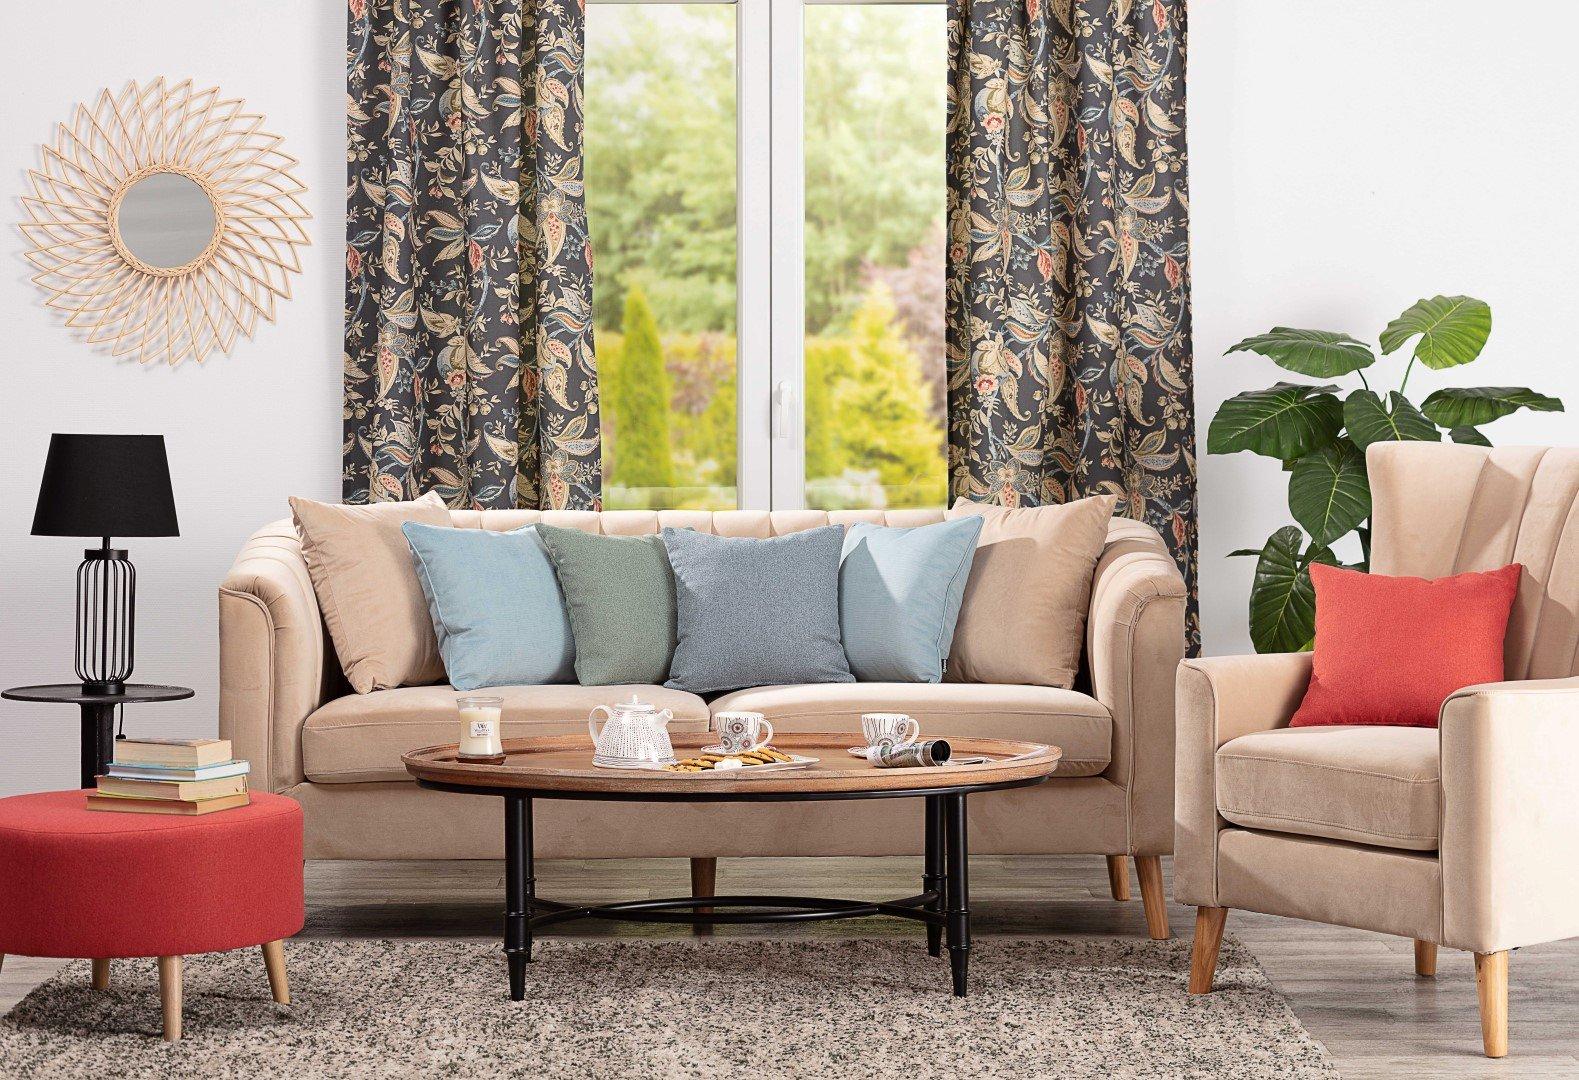 Vintage-inspired Living Room